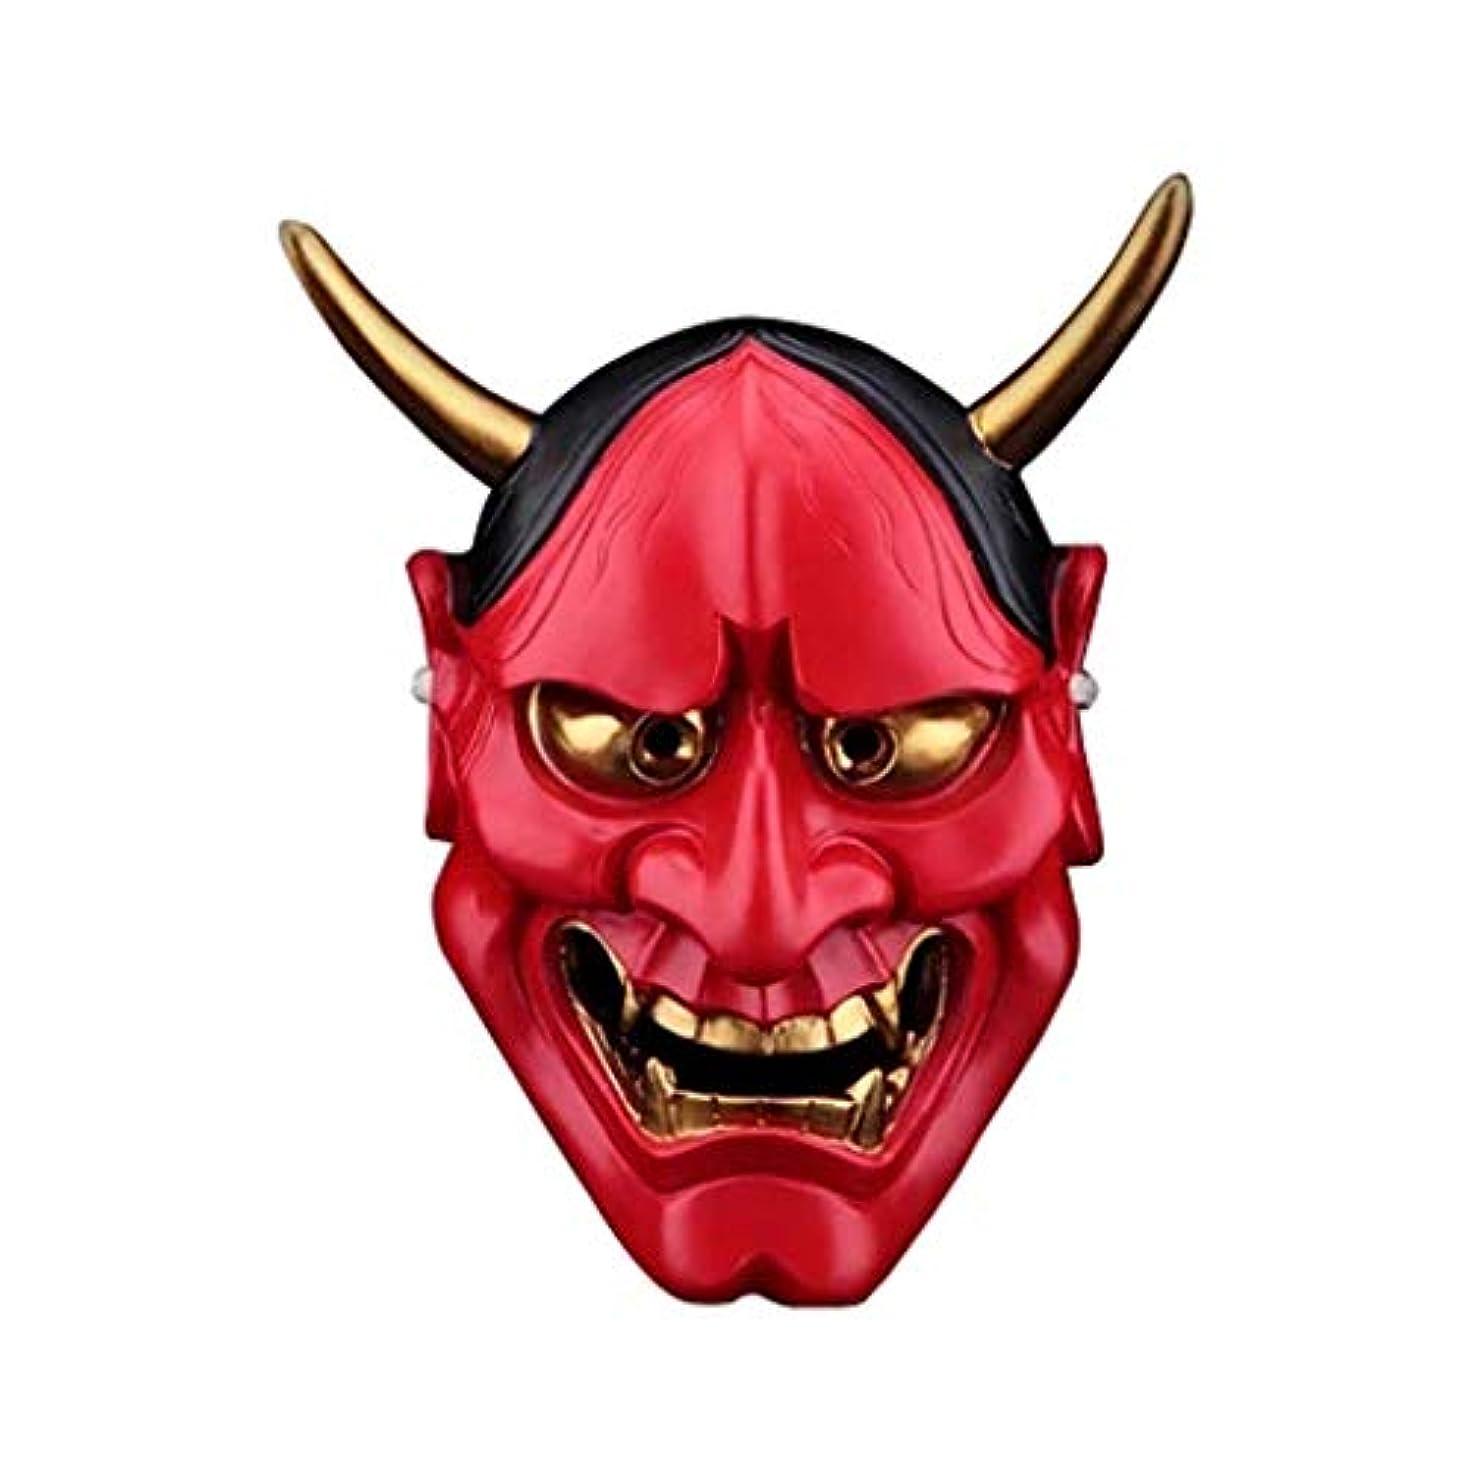 ハム観点レジハロウィンホラーマスク、成人用樹脂マスクデコレーション (Color : RED)